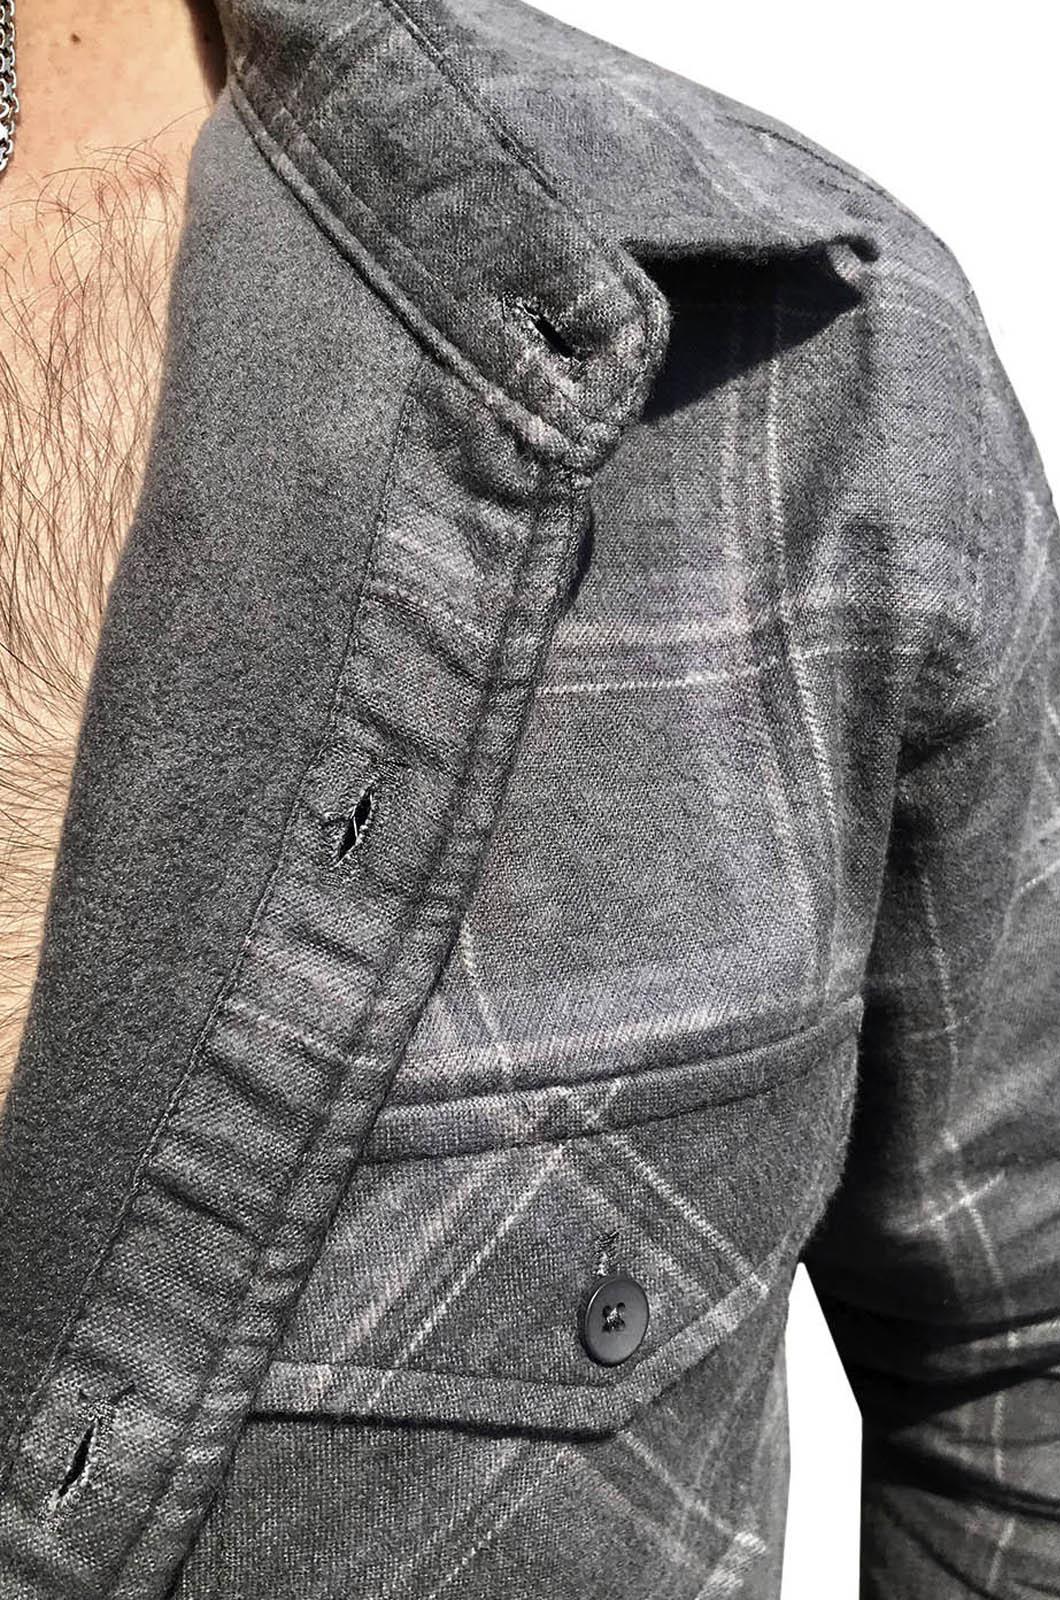 Рубашка 5 ОБр СпН ГРУ Марьина горка купить оптом